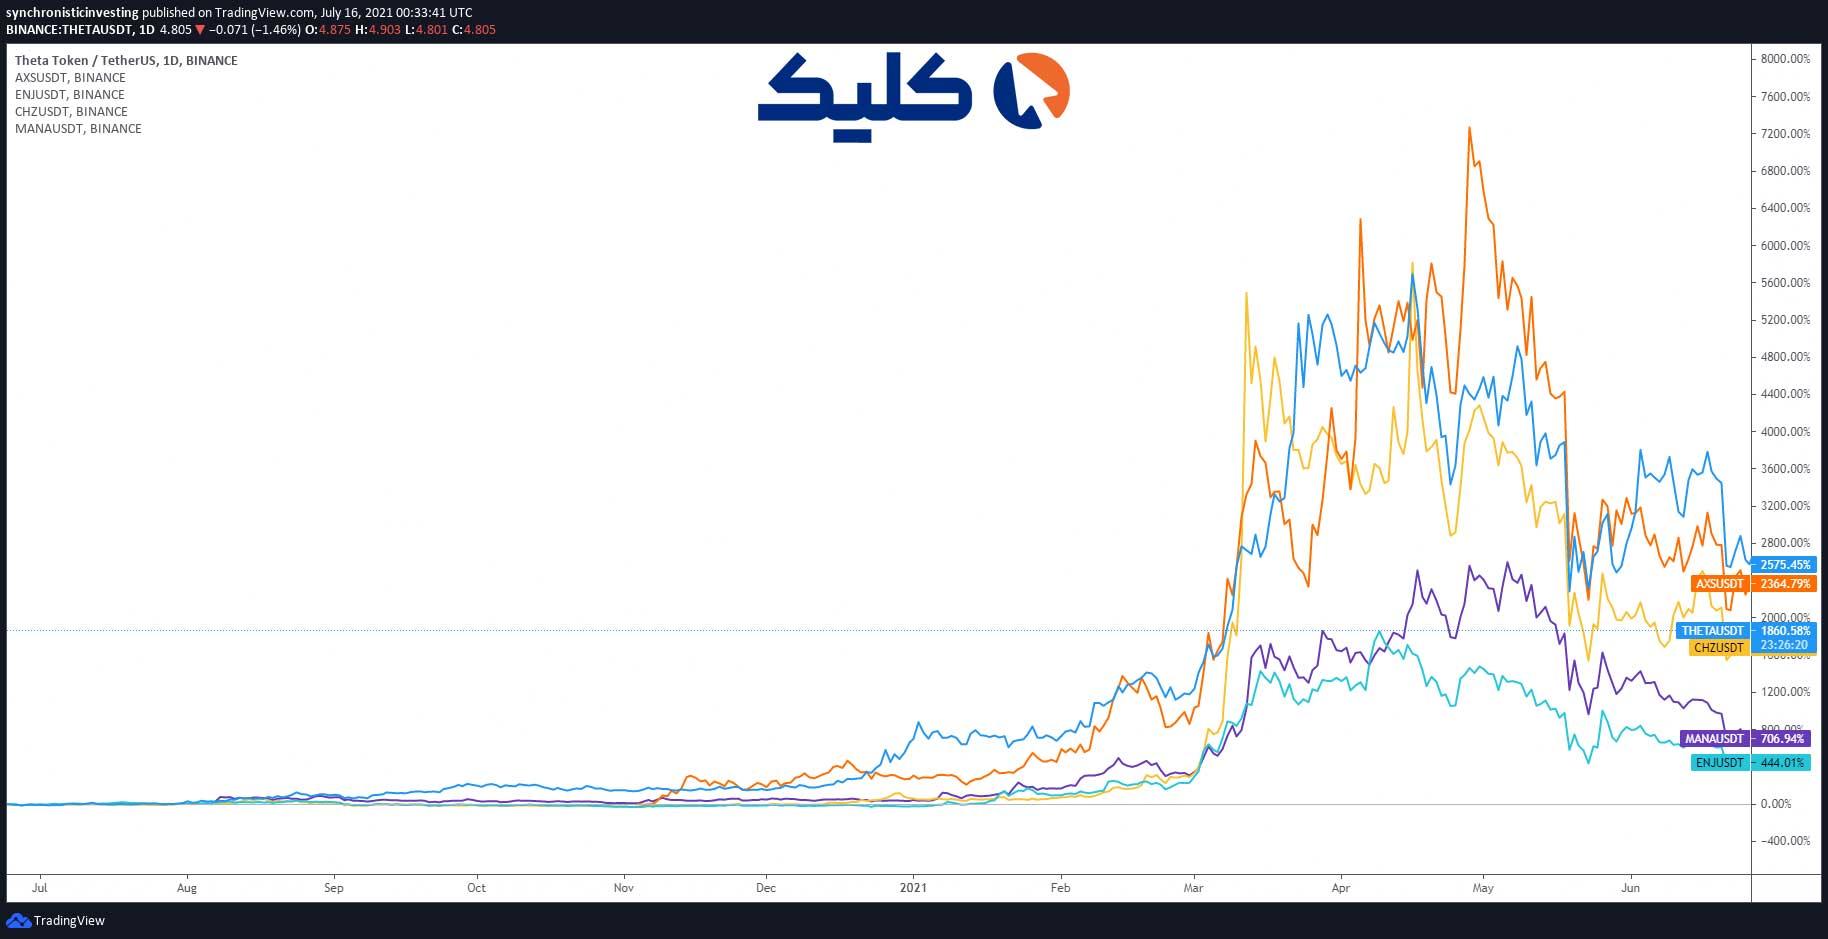 نمودار قیمت توکنهای NFT